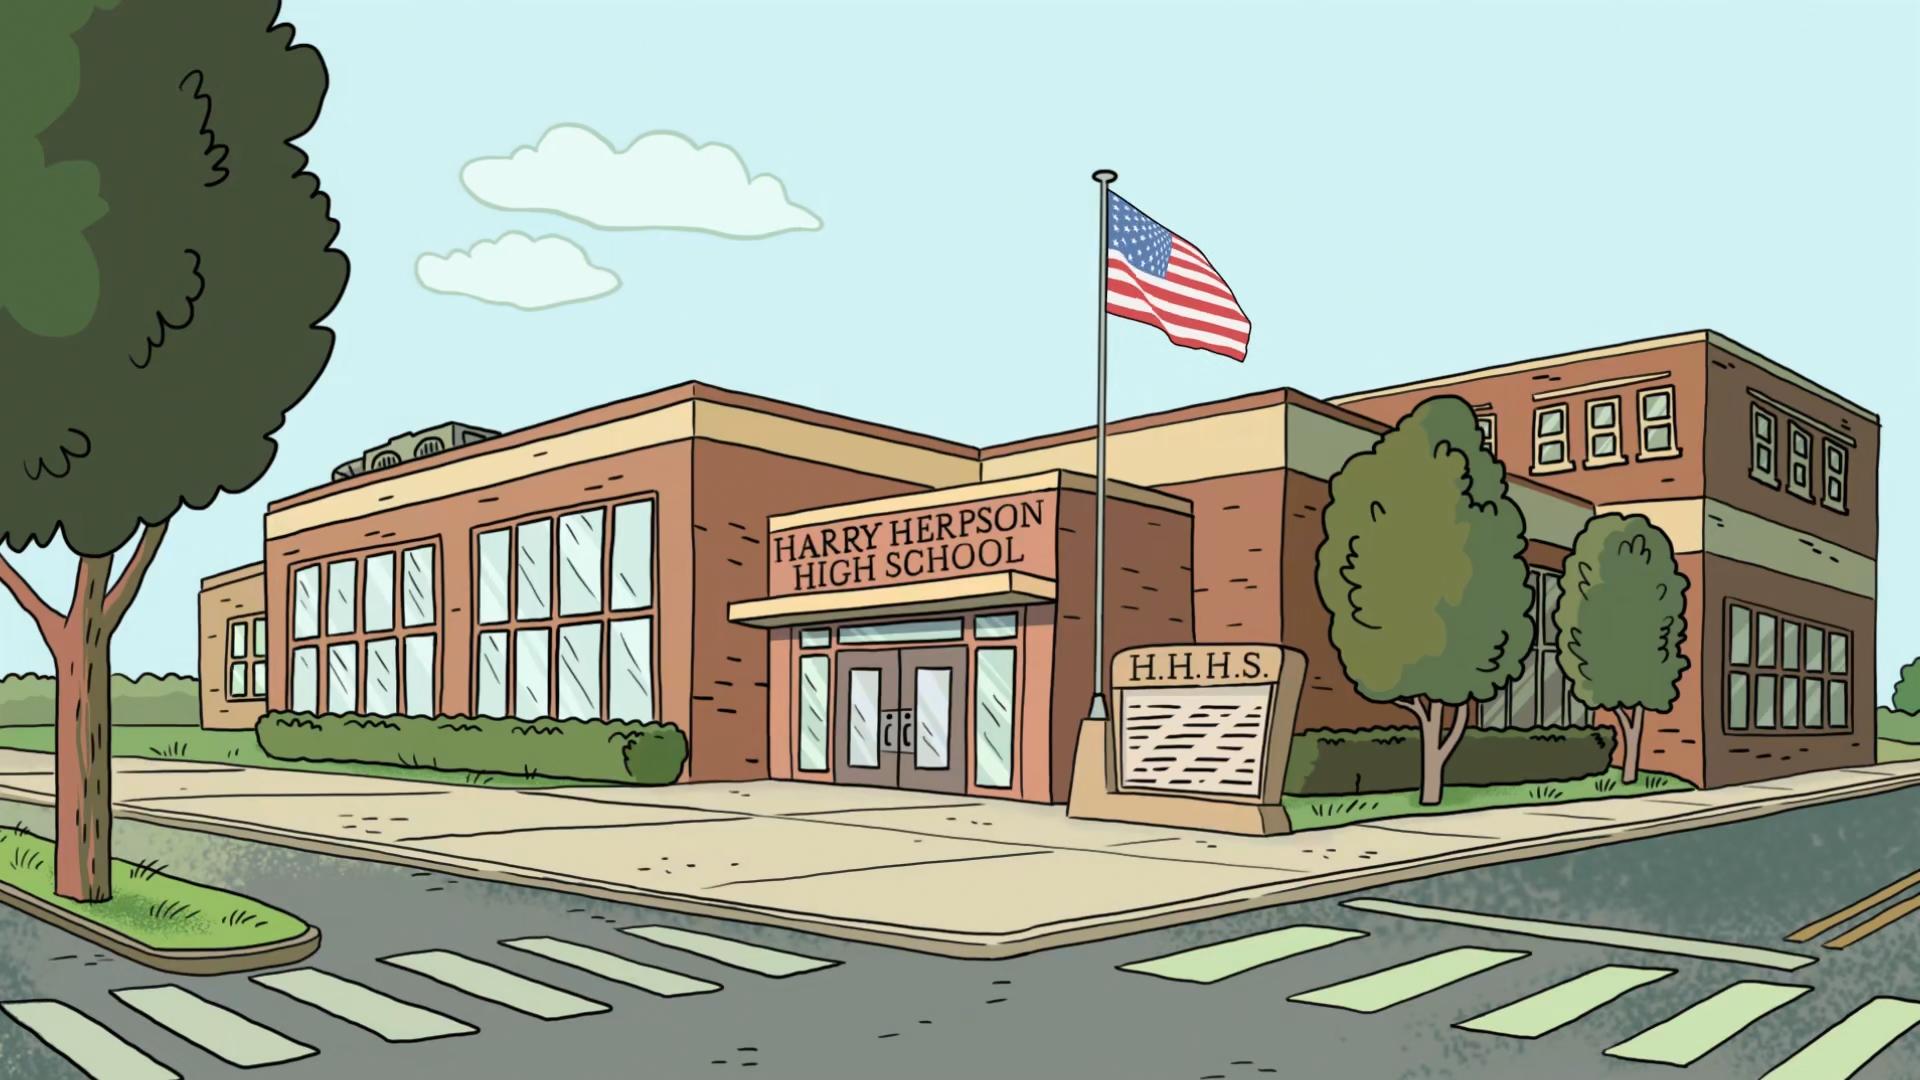 Harry Herpson High School